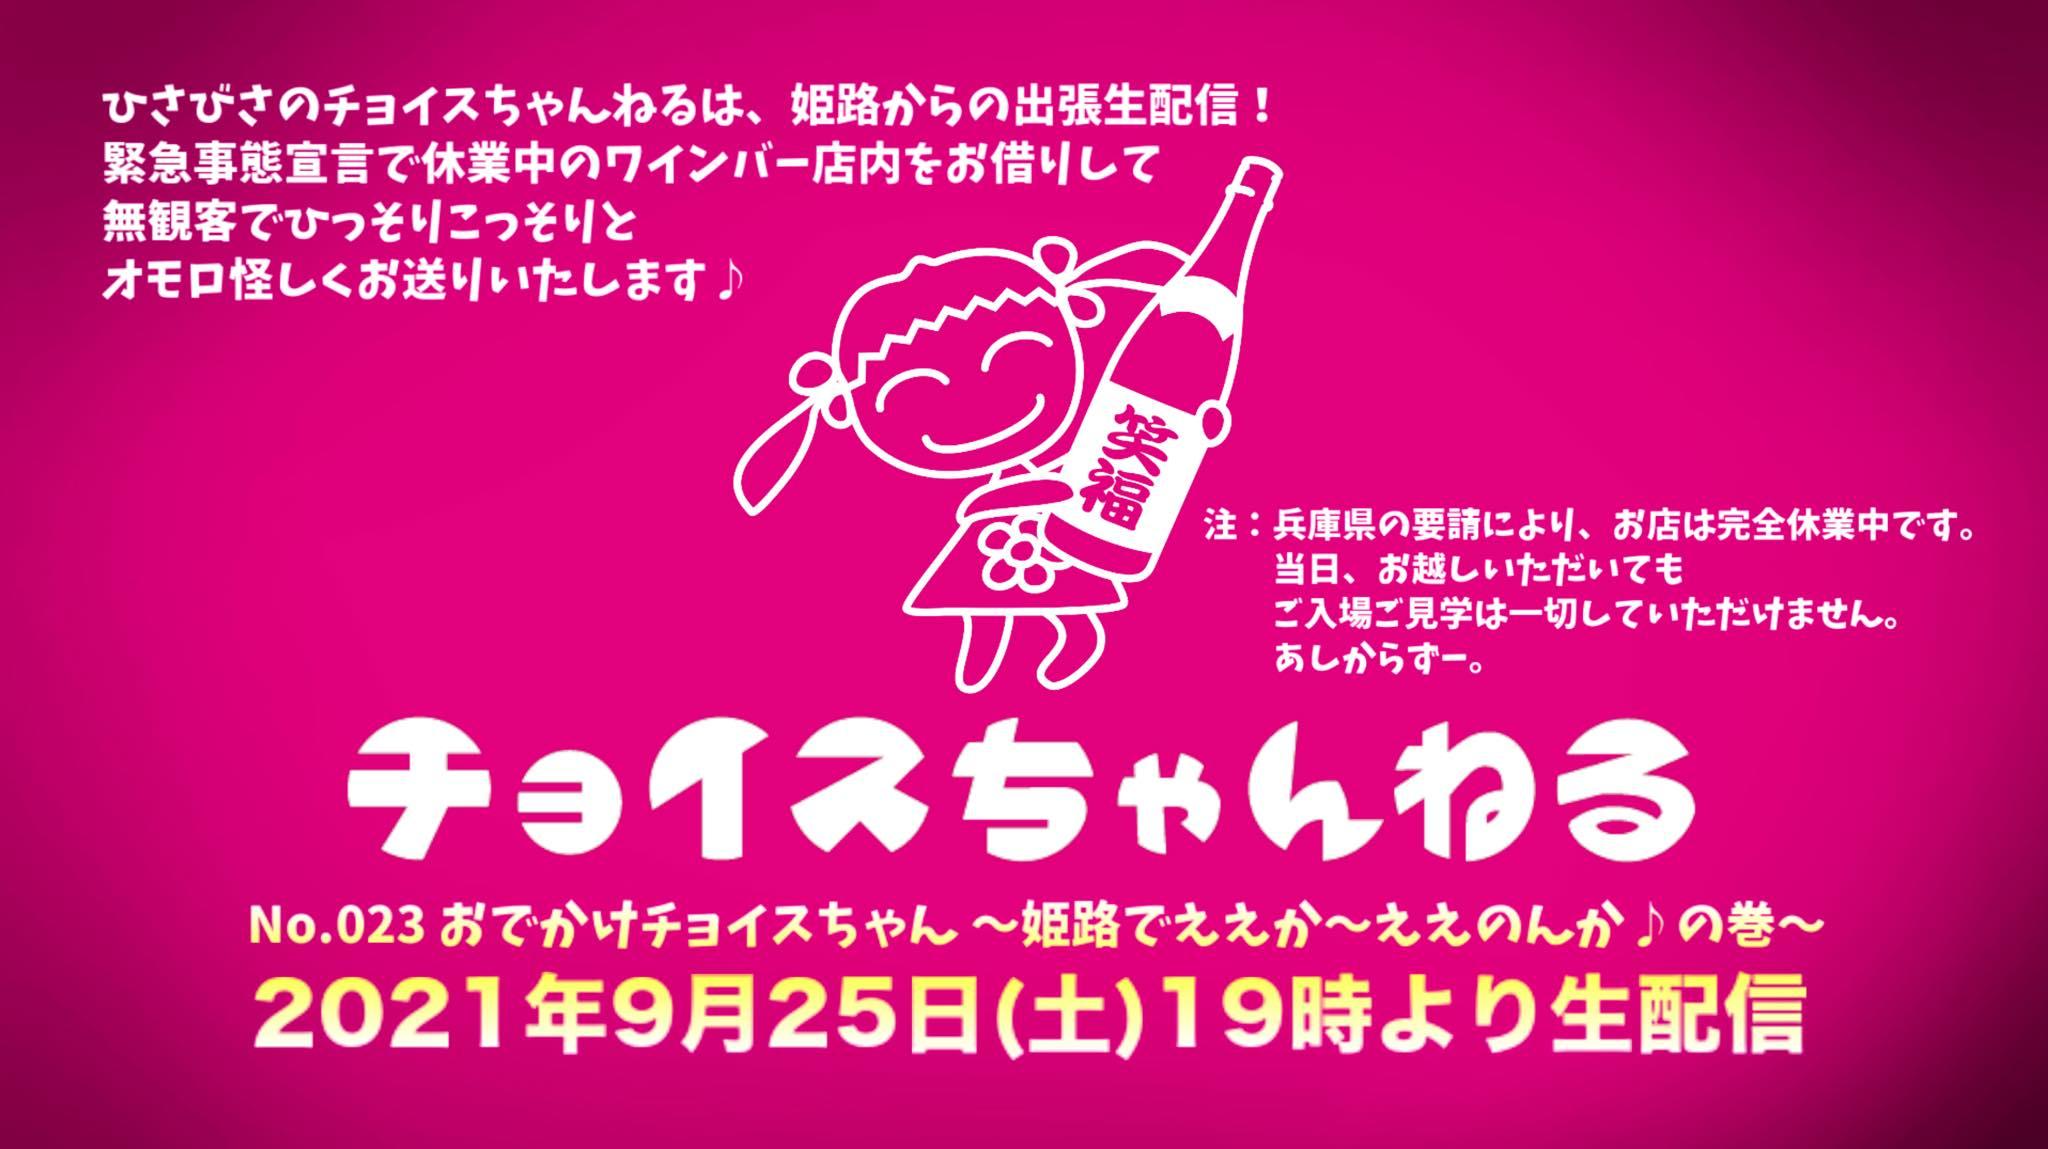 4ヶ月半振りのチョイスちゃんねる生配信は姫路から!!